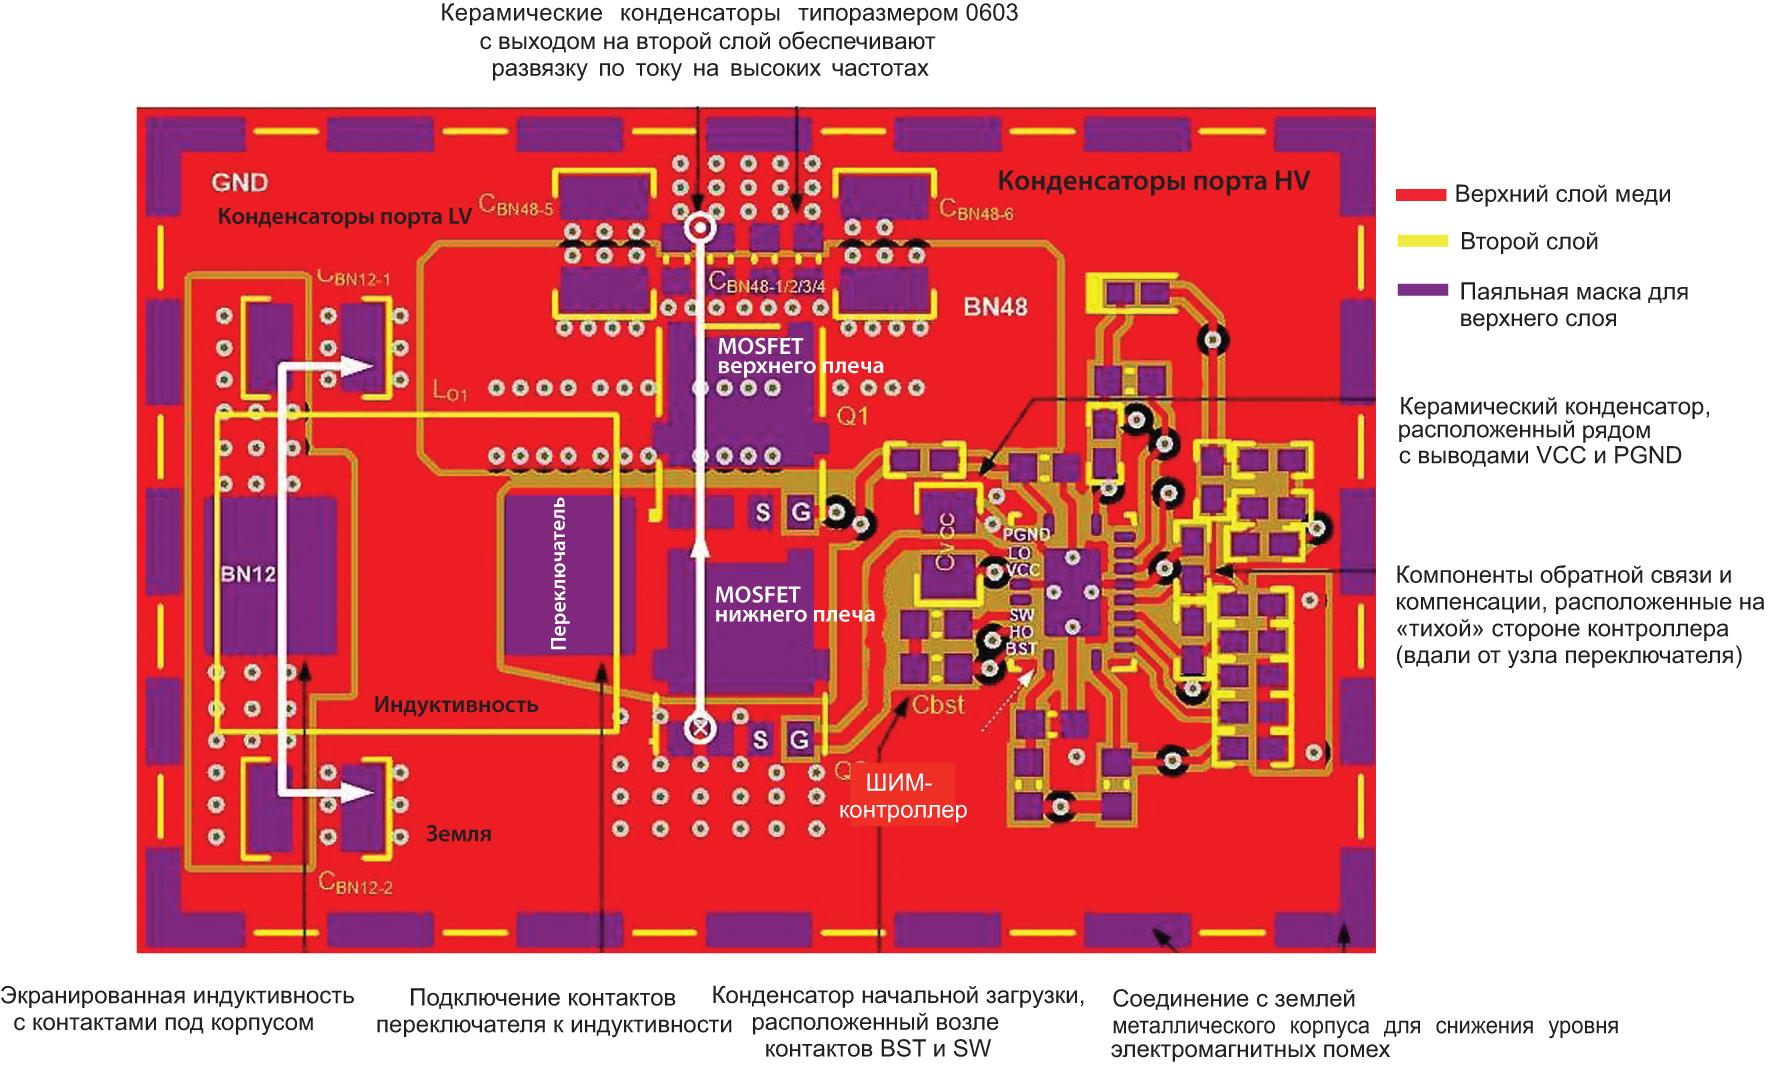 Схема силового каскада преобразователя напряжения с оптимизированной вертикальной конструкцией контура питания. Контроллер LM5146Q1 100 В со встроенными драйверами затвора [4] расположен рядом с полевыми транзисторами для минимизации длины дорожек к драйверам